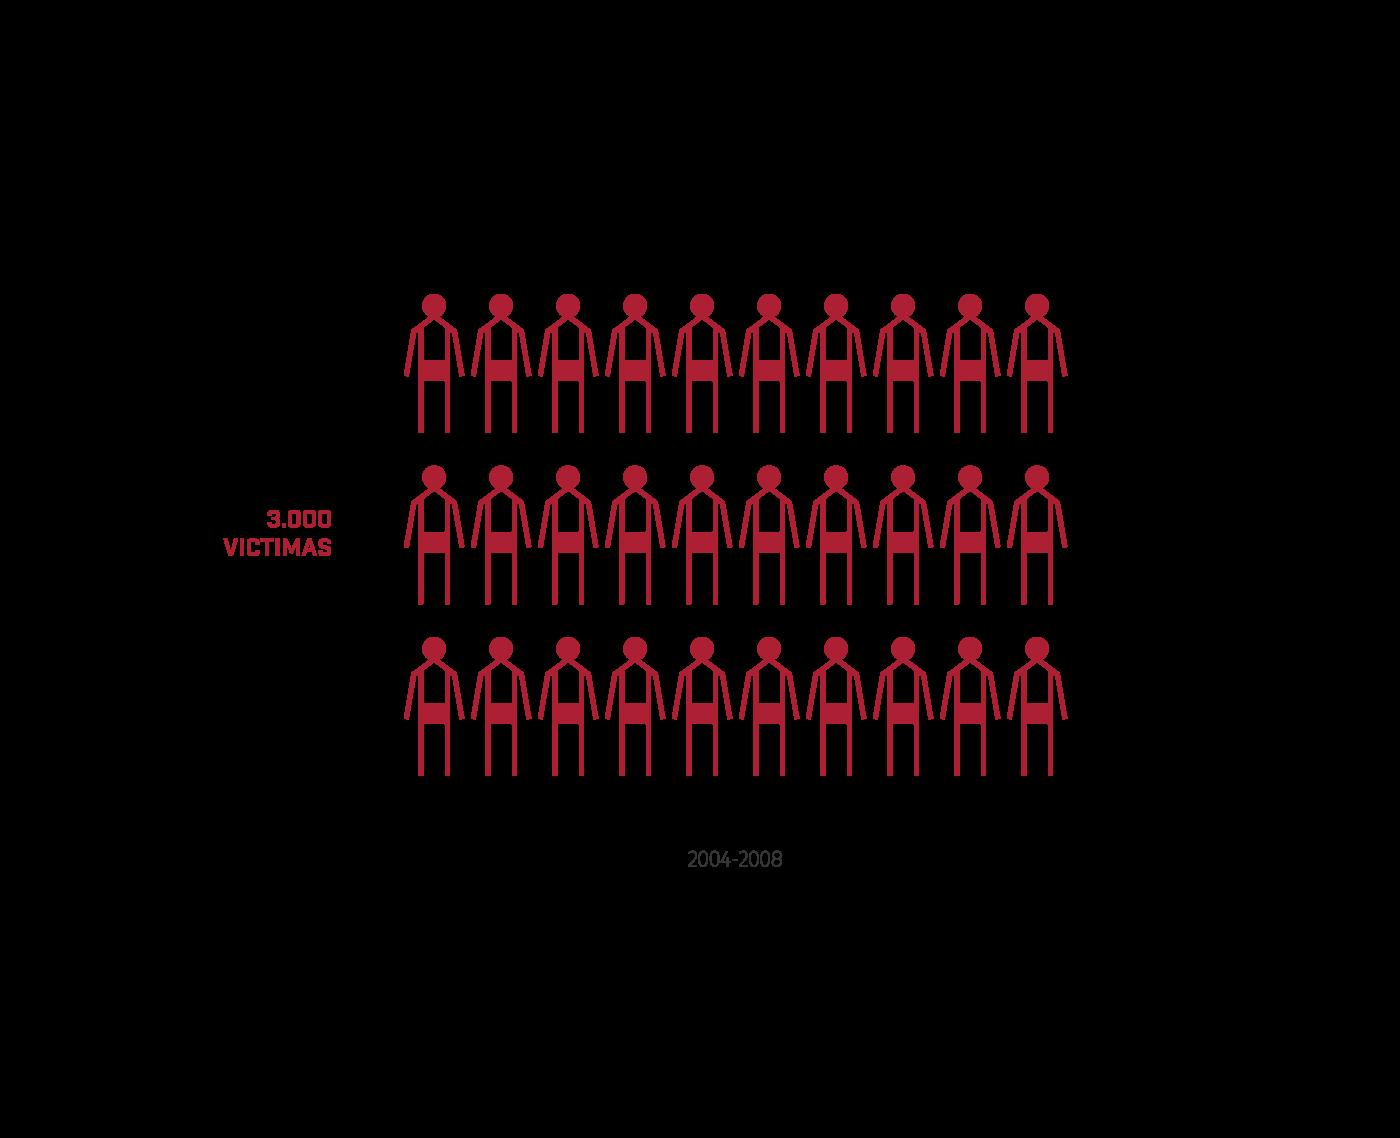 - En su informe del 2010 la Oficina en Colombia de la Alta Comisionada de las Naciones Unidas para los Derechos Humanos estimó «más de 3.000 personas pudieron haber sido víctimas de ejecuciones extrajudiciales, atribuidas al Ejército» ocurridos la mayoría entre 2004 y 2008.